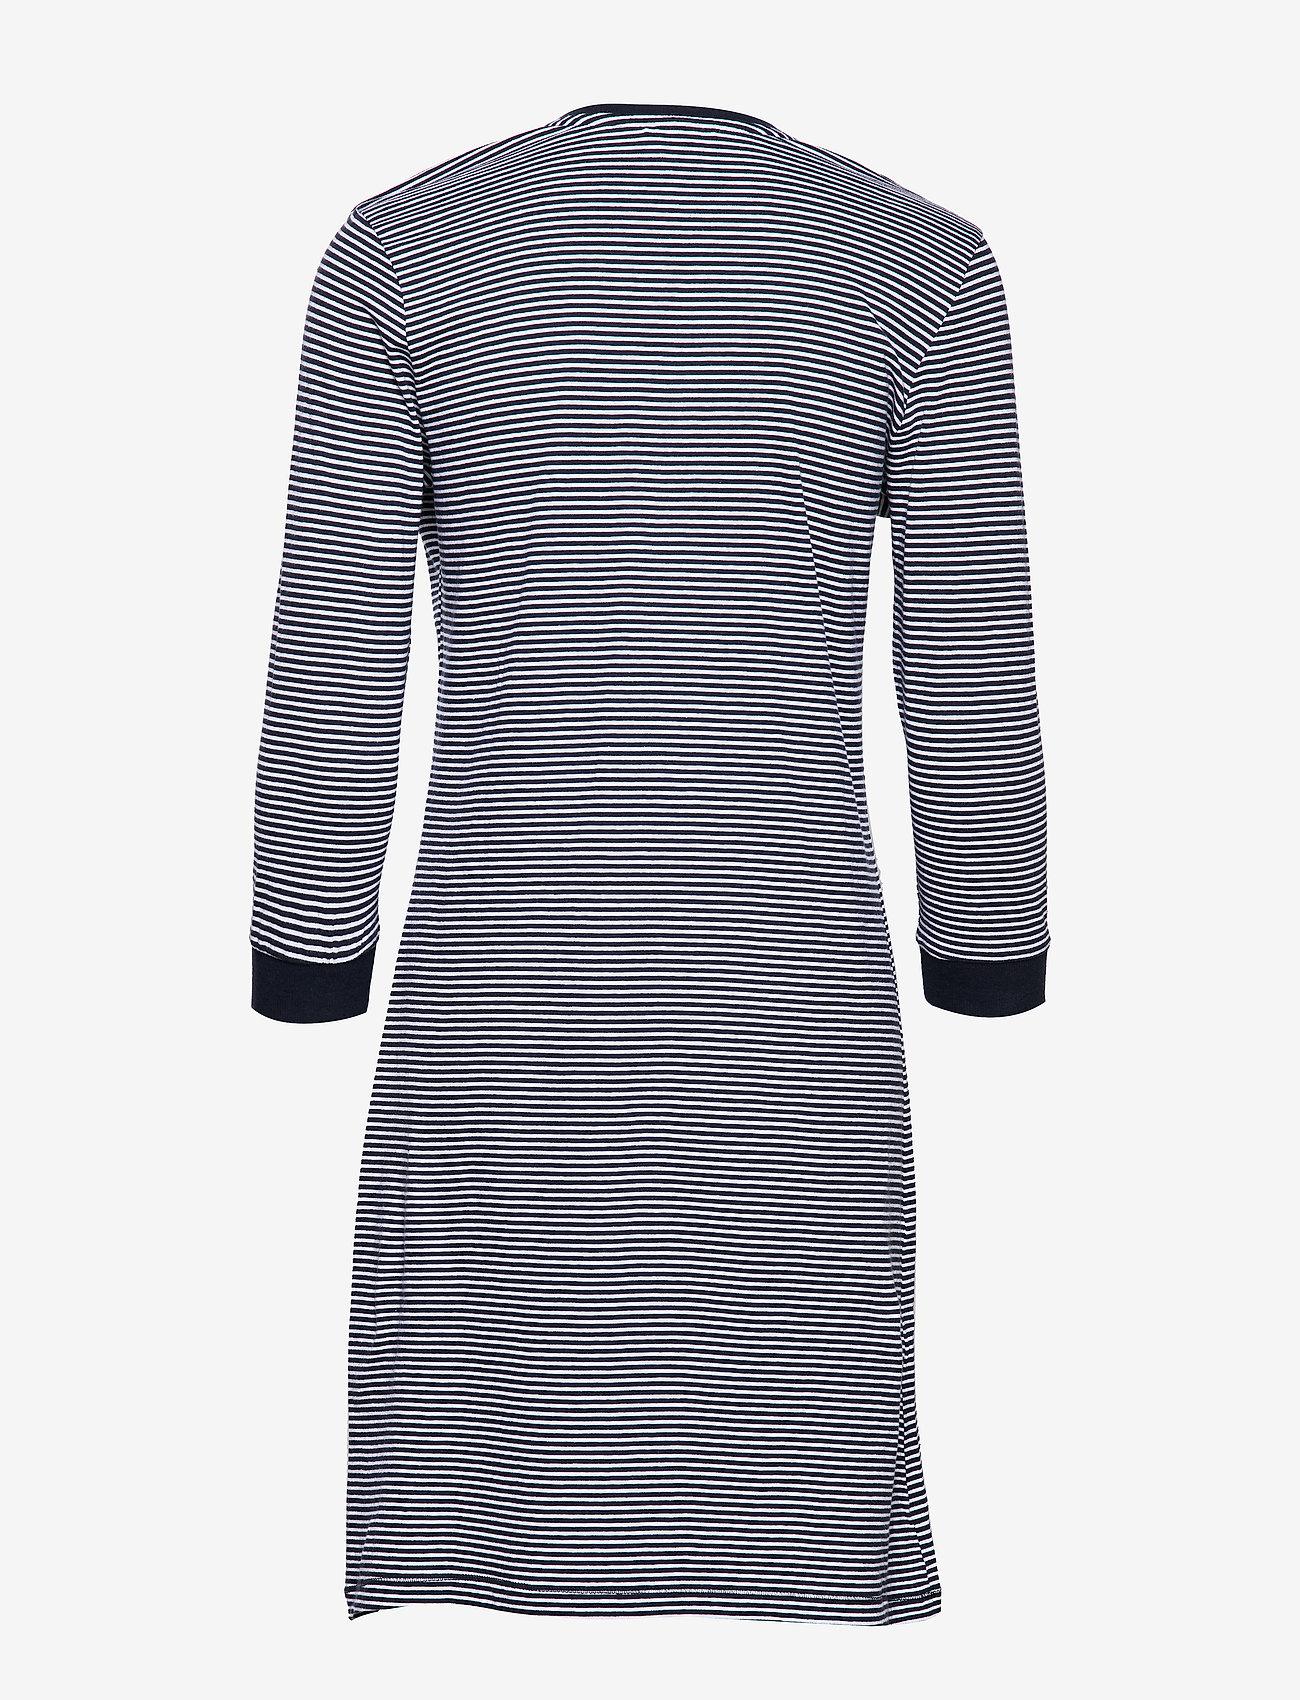 Esprit Bodywear Women - Nightshirts - nachtjurken - navy - 1